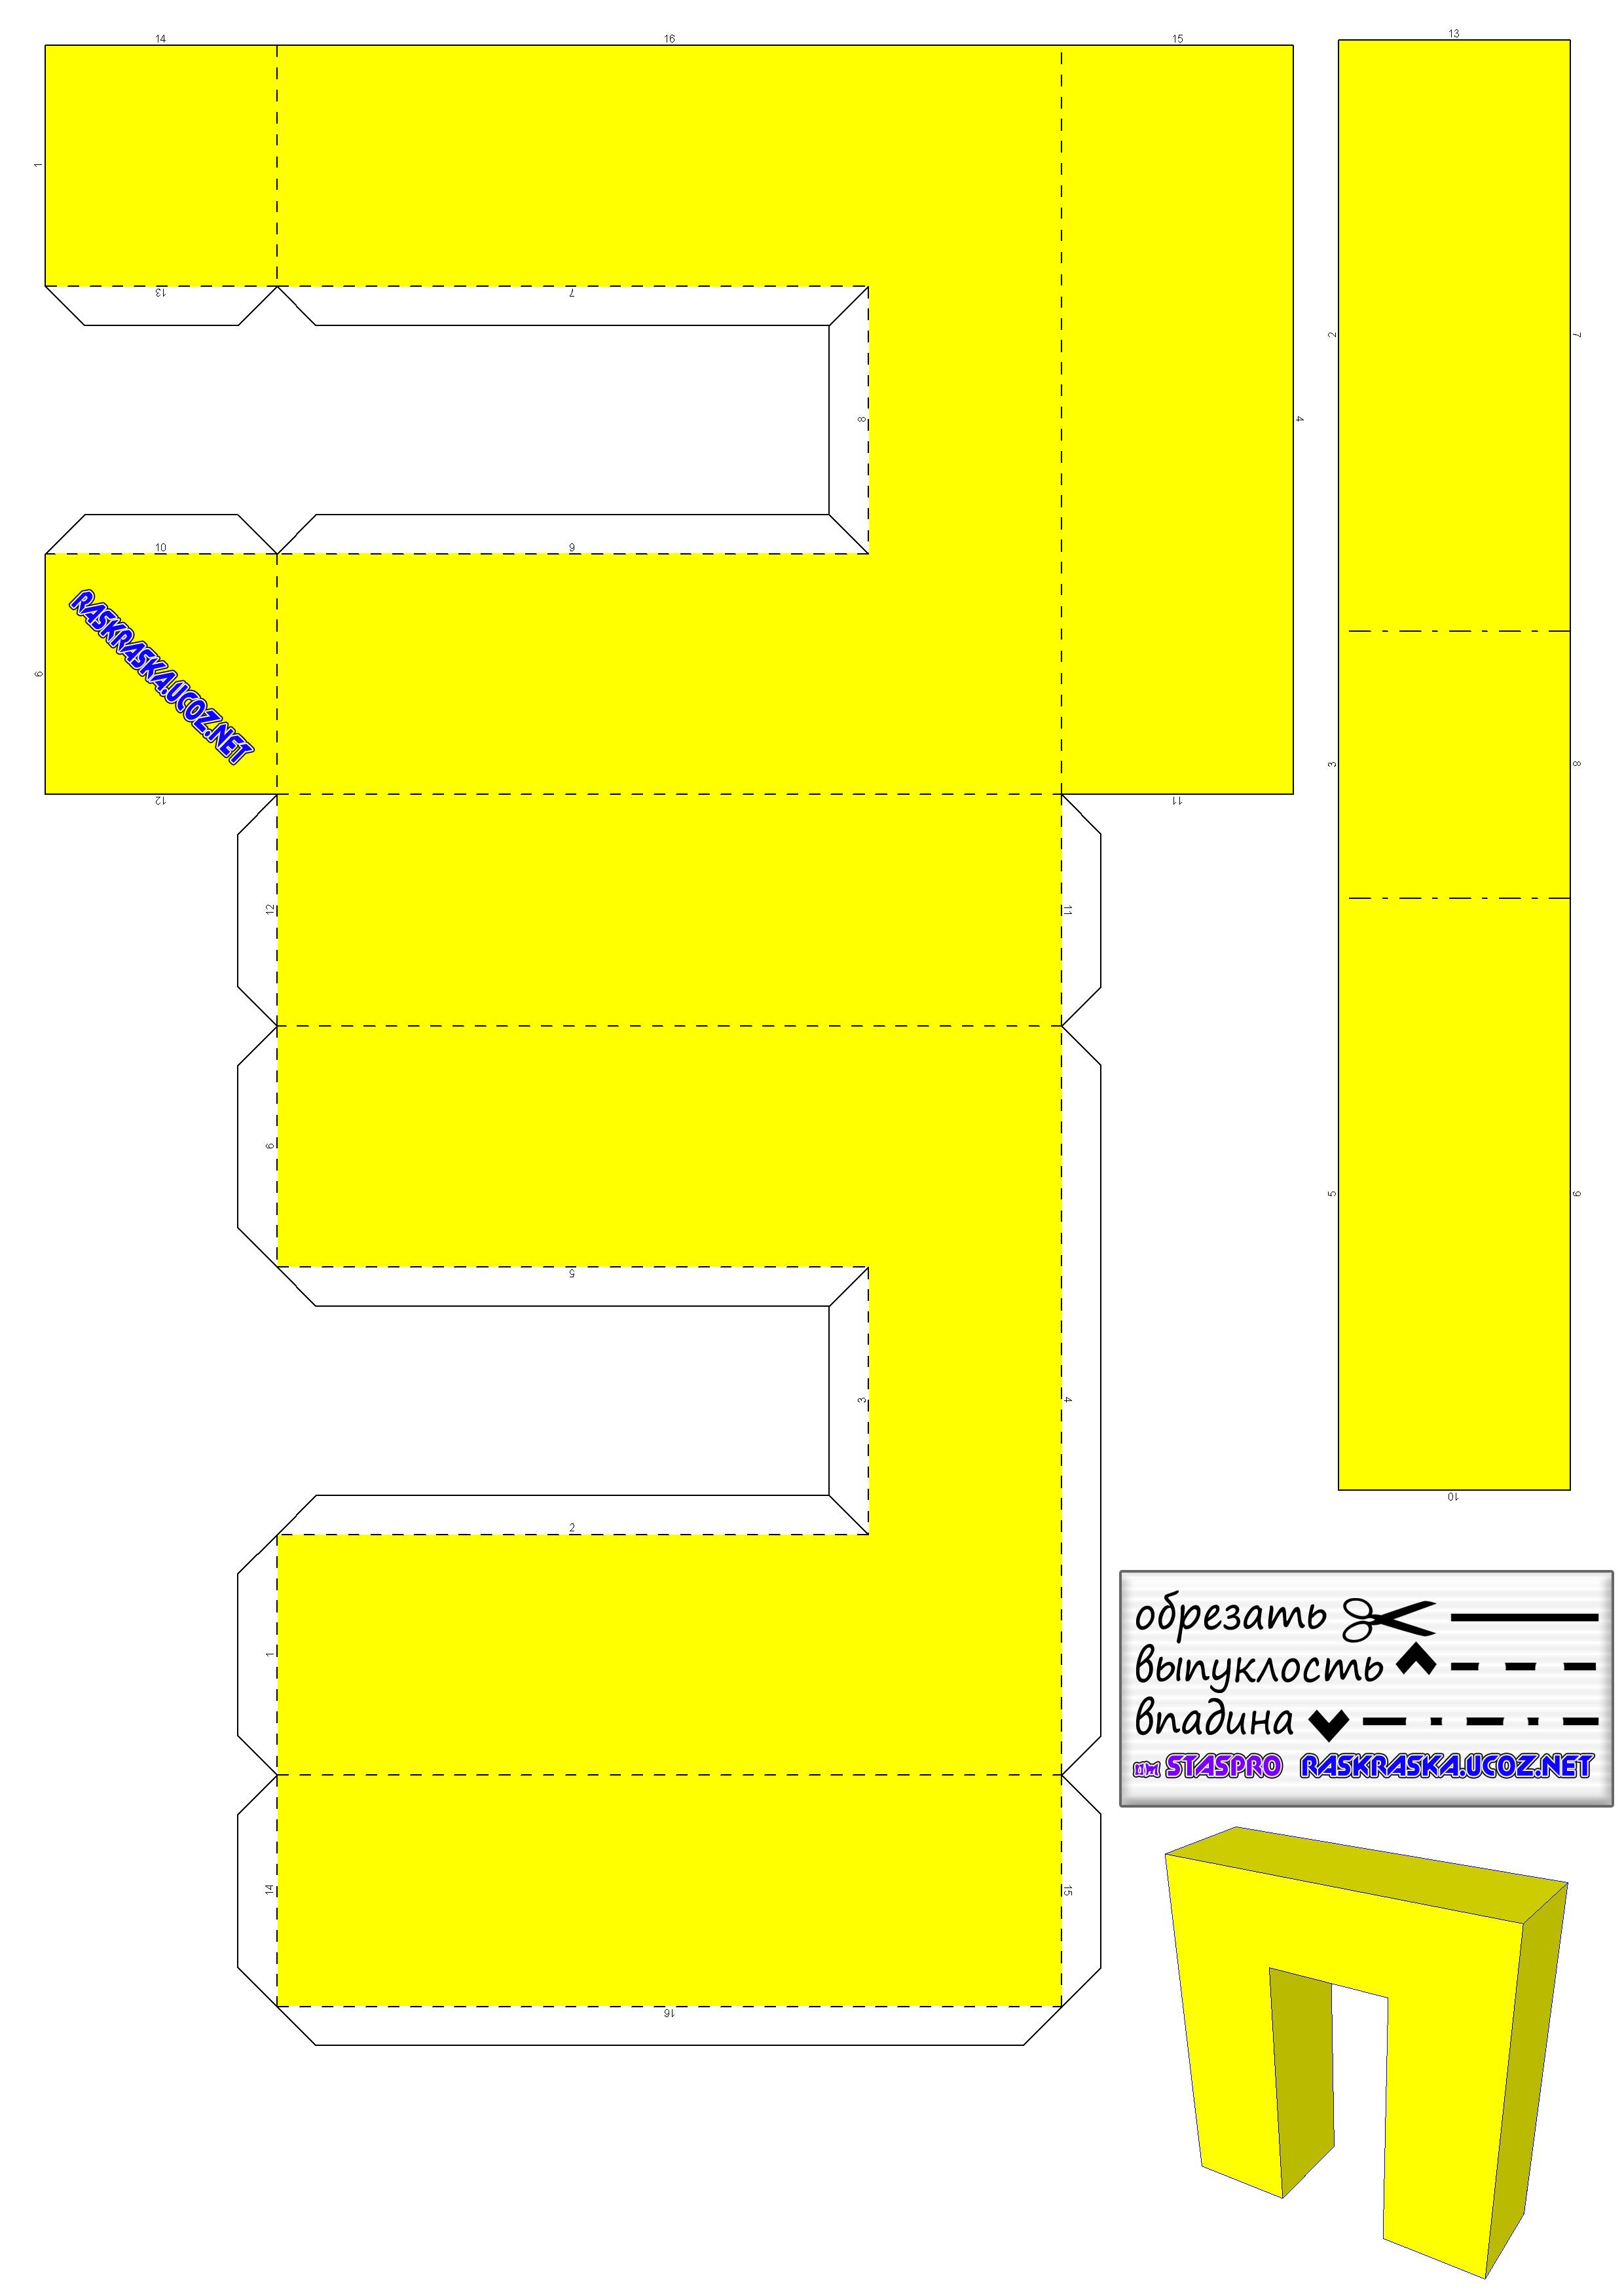 Объемные буквы своими руками из картона схема 472